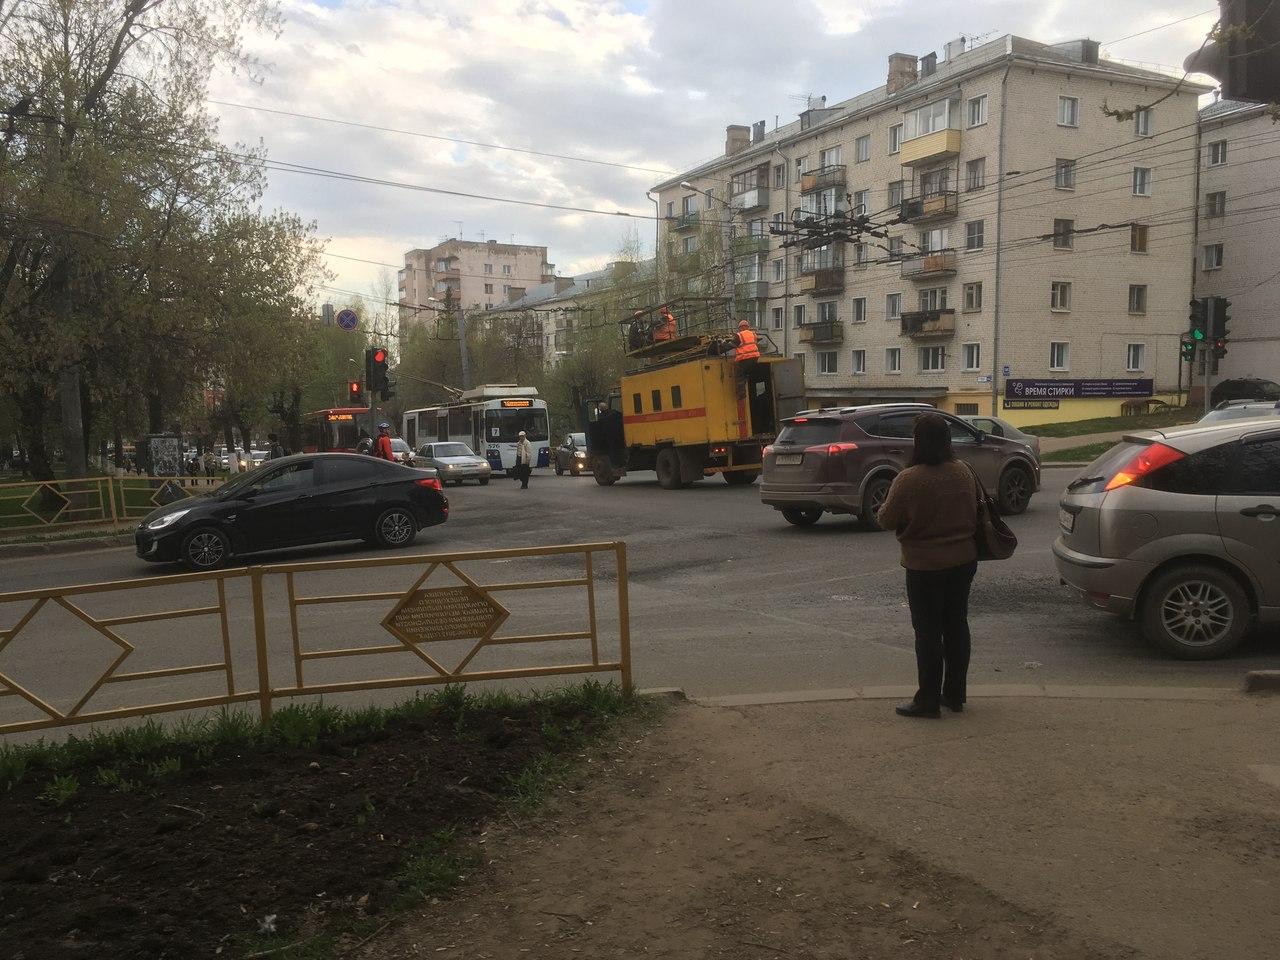 В Кирове произошел обрыв провода контактной сети. Троллейбусы в час пик прекратили движение